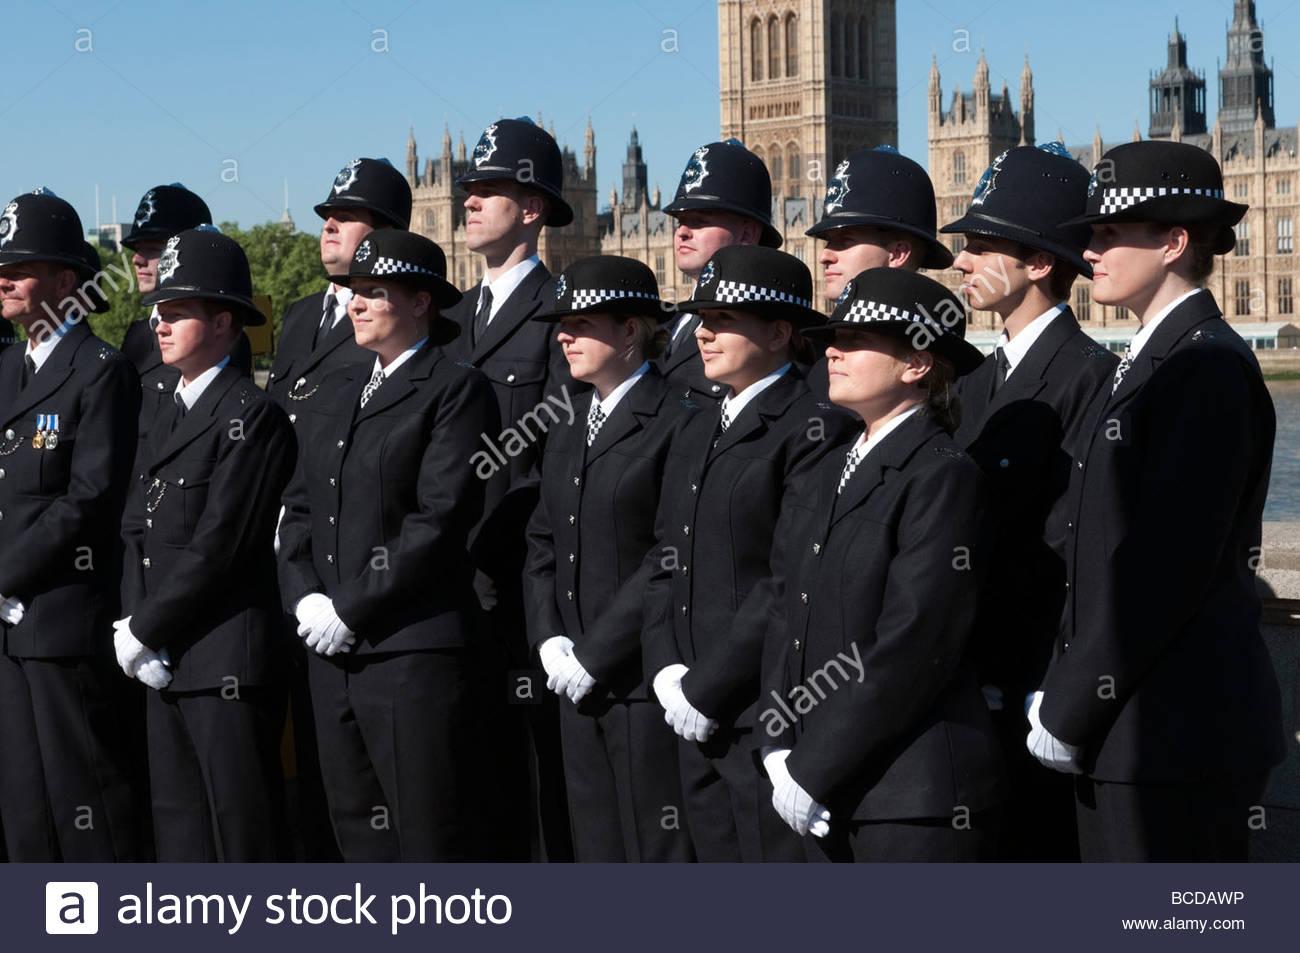 La policía londinense posando para una foto de grupo oficial, Inglaterra Imagen De Stock